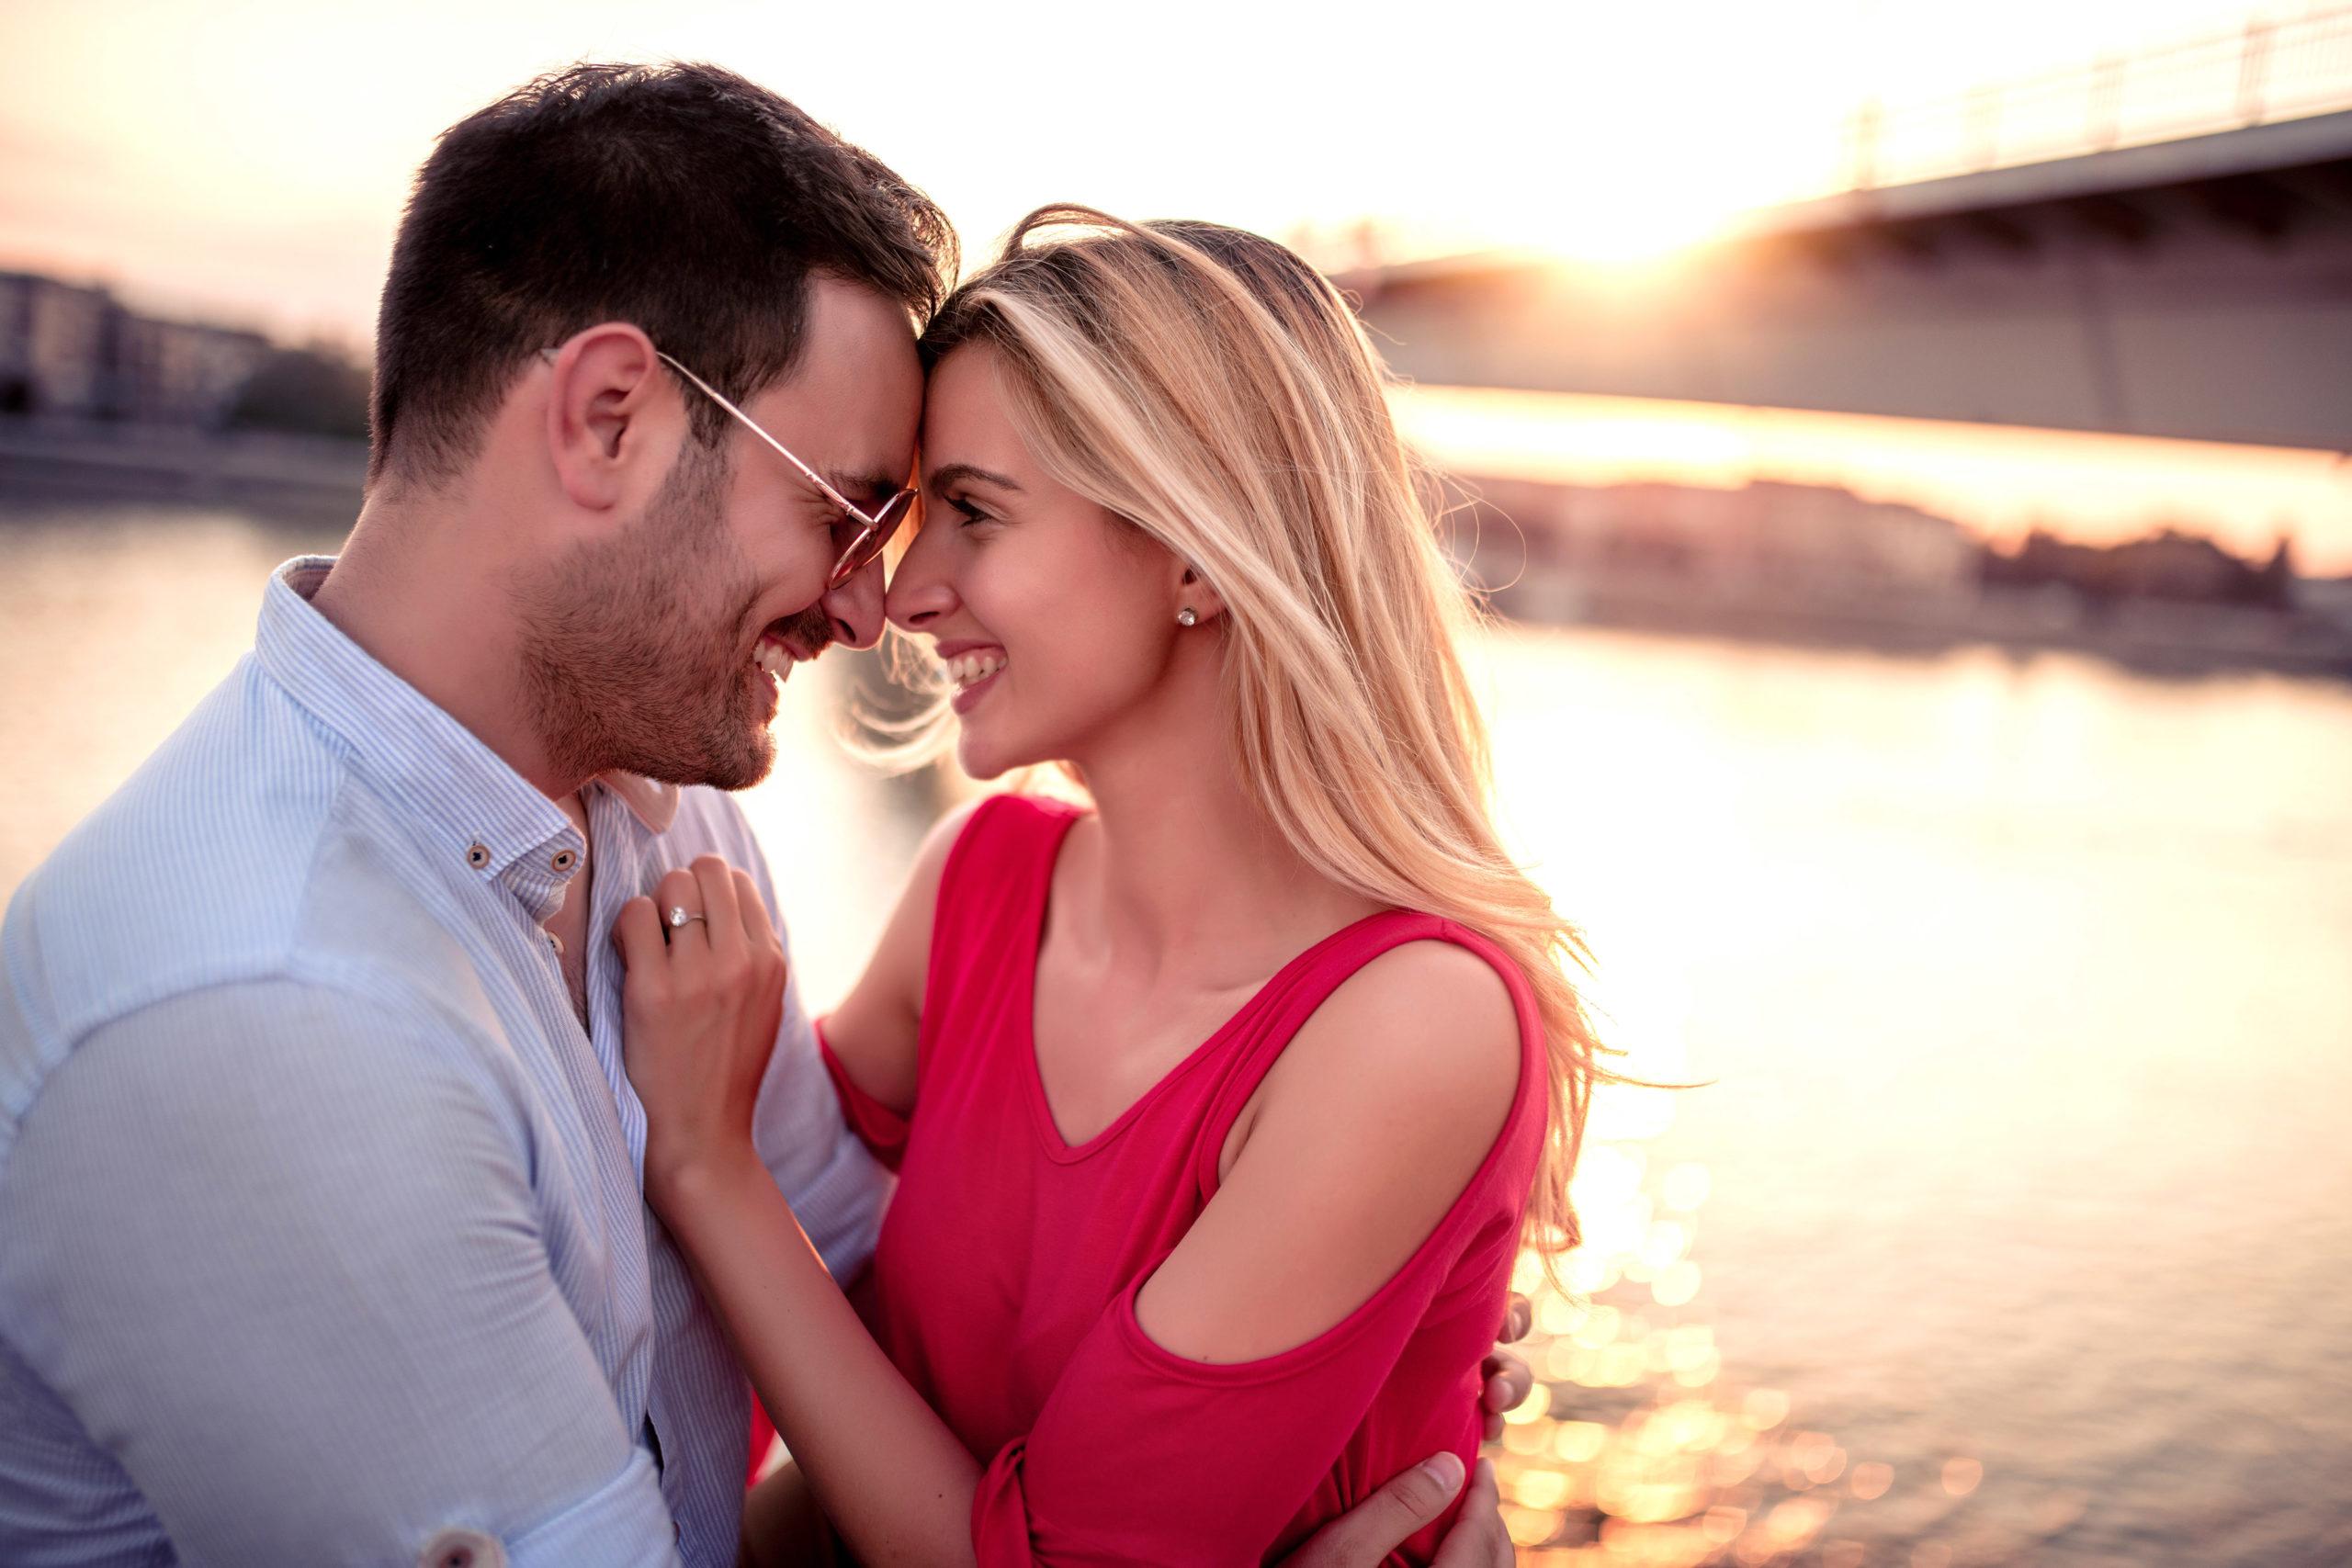 romantyczna para na tle zachodzącego słońca